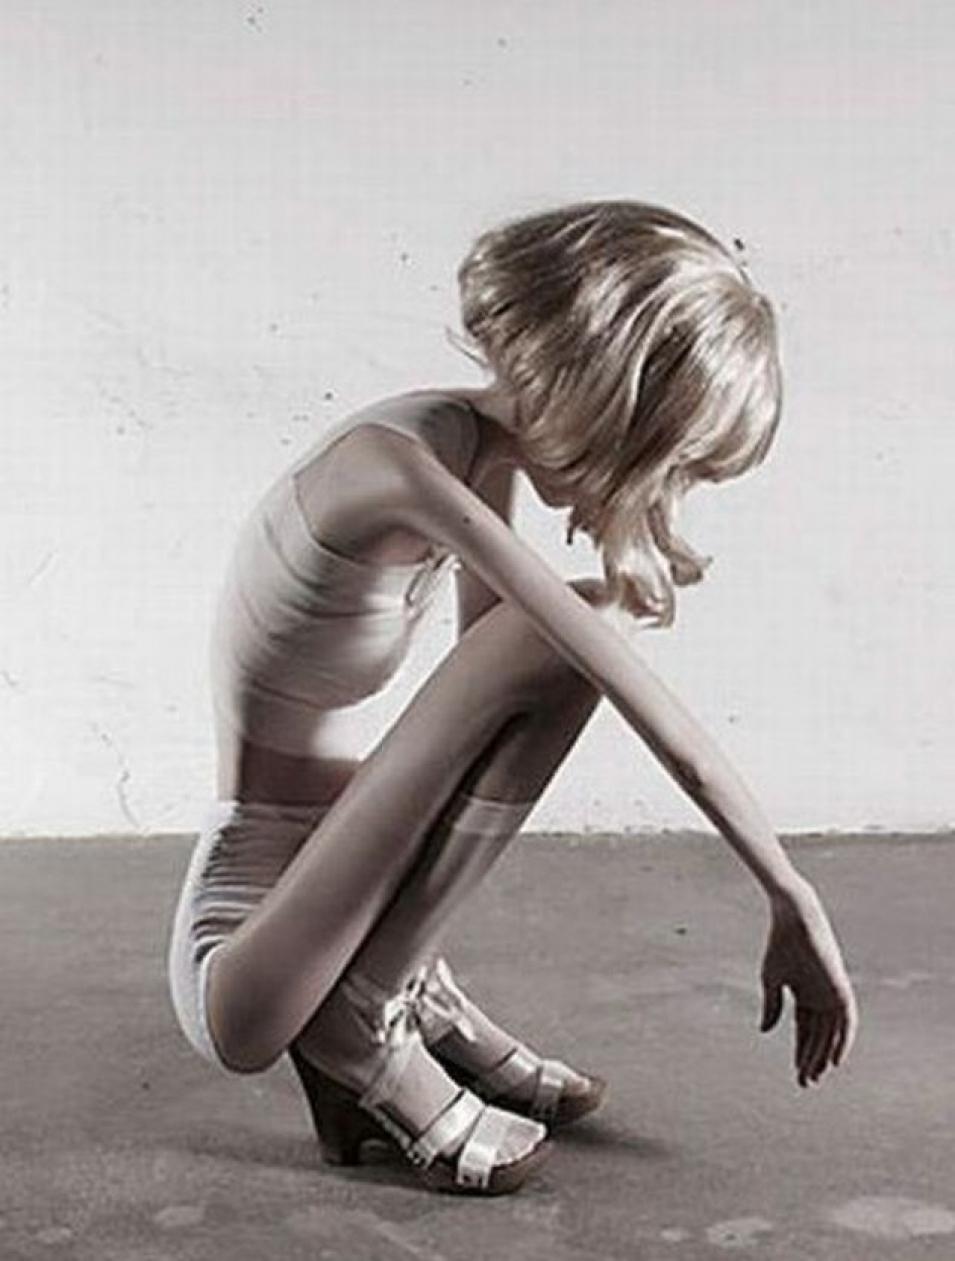 Худенькая девочка подросток фото 10 фотография